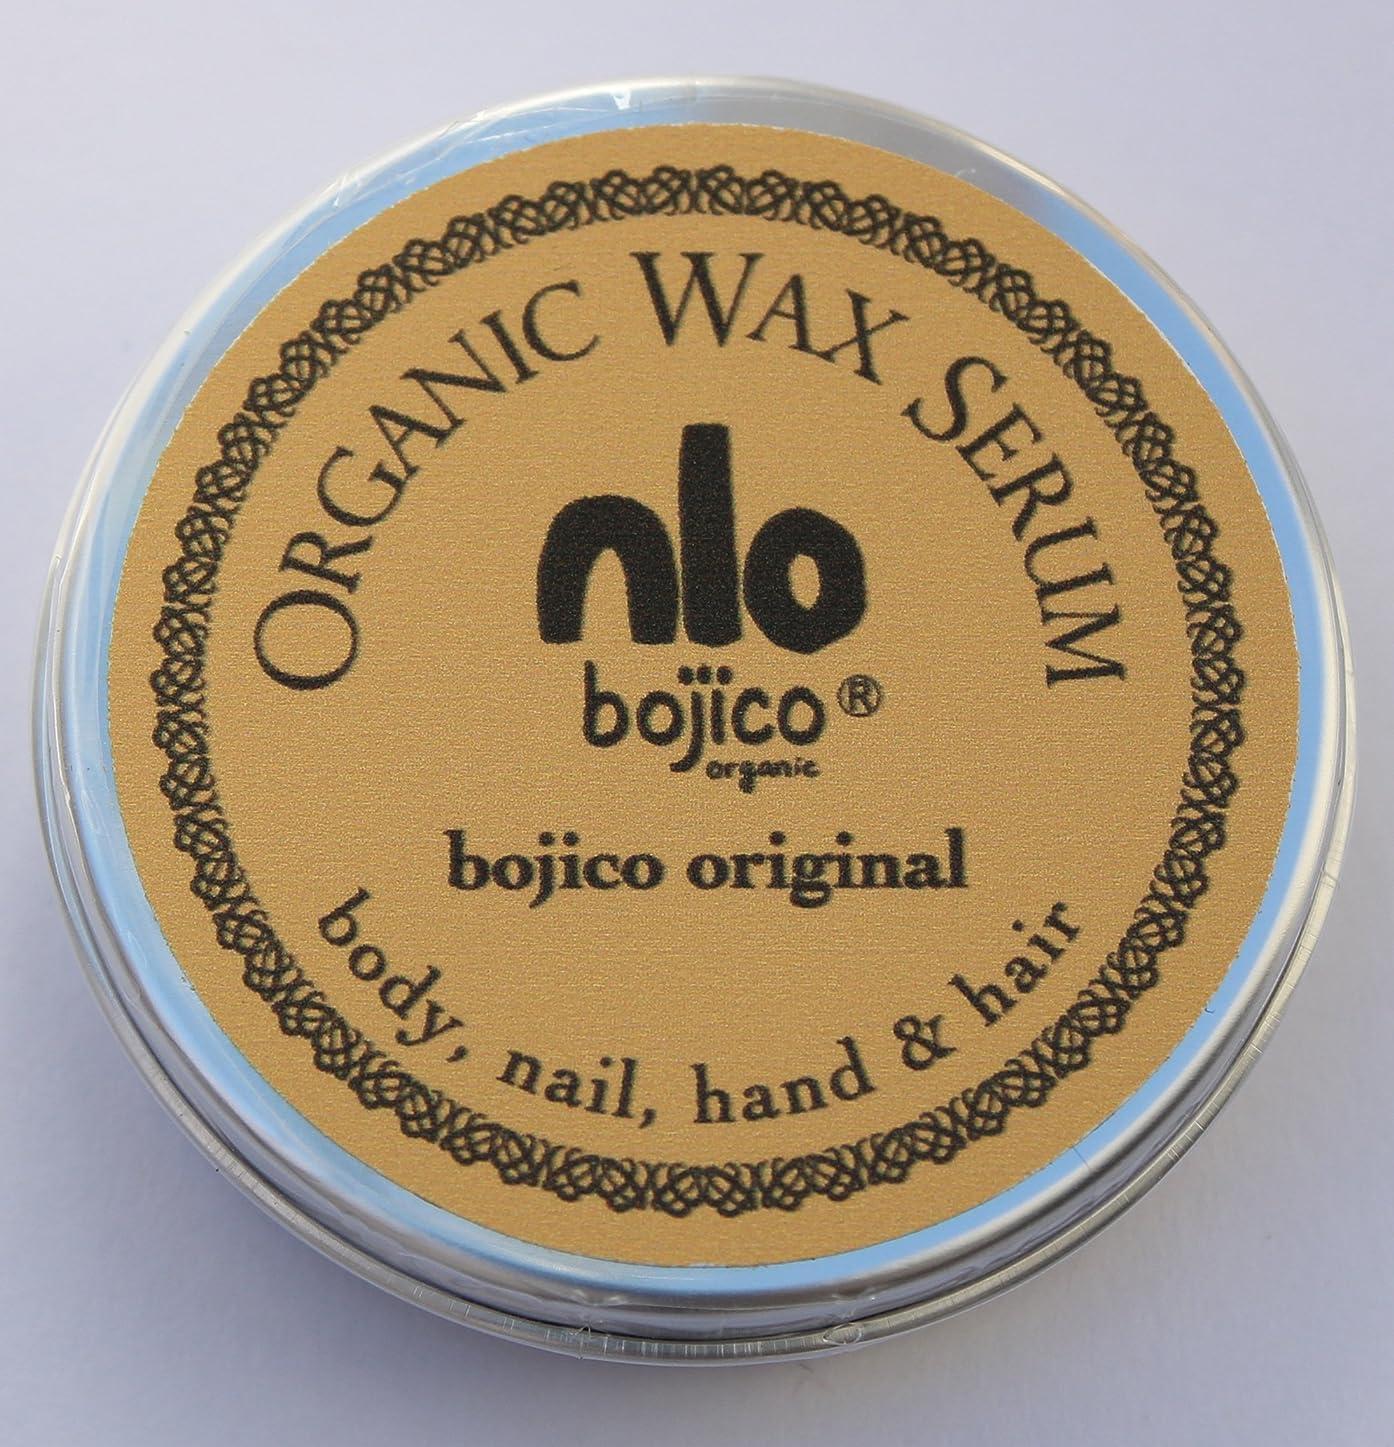 作物とげのある抑圧者bojico オーガニック ワックス セラム<オリジナル> Organic Wax Serum 18g